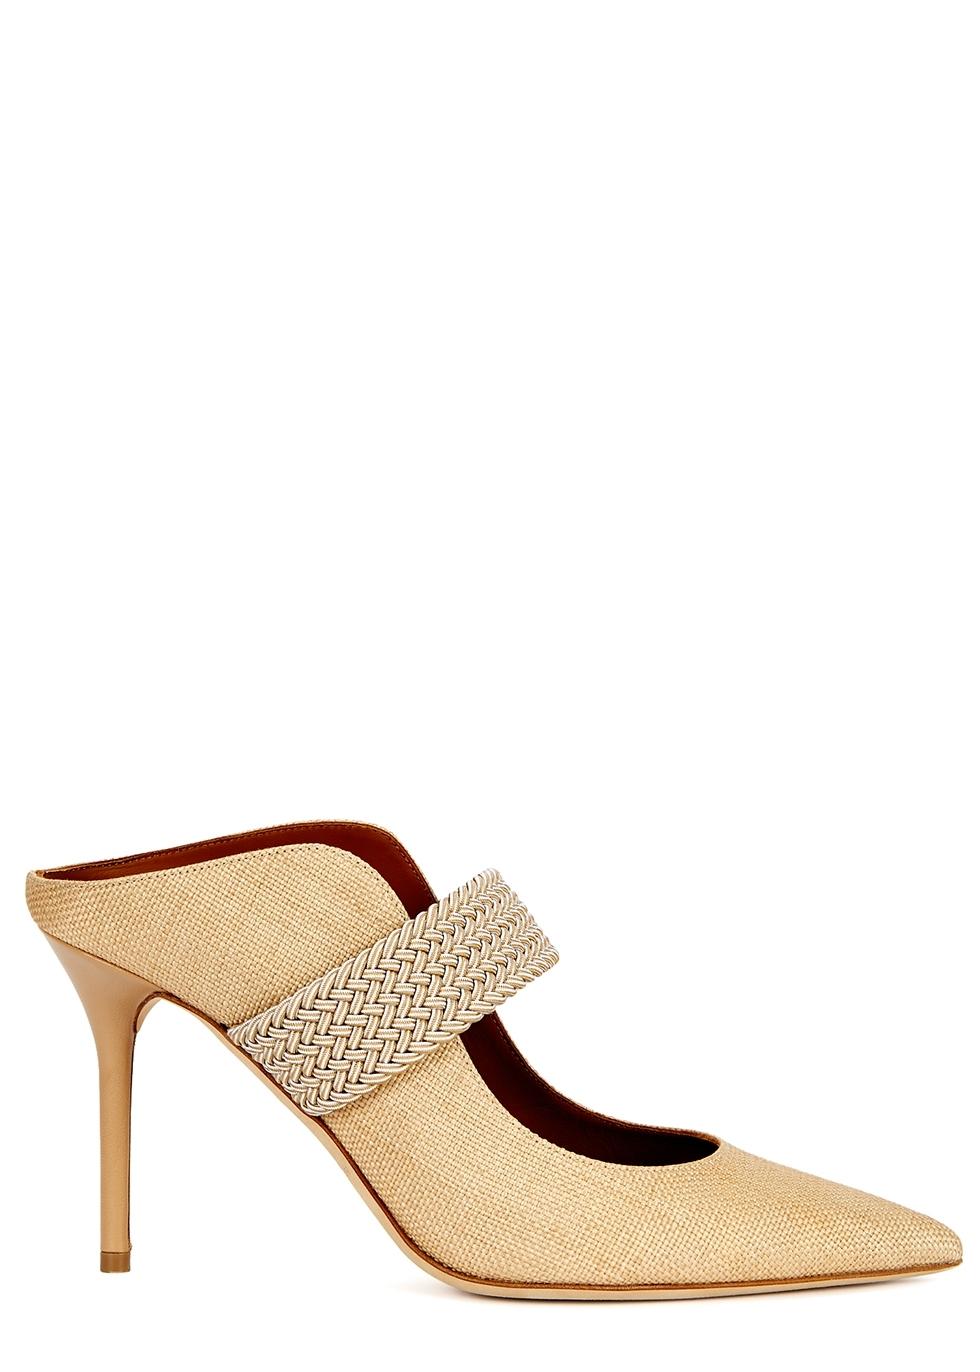 1debfffec1 Women's Designer Shoes - Ladies Shoes - Harvey Nichols